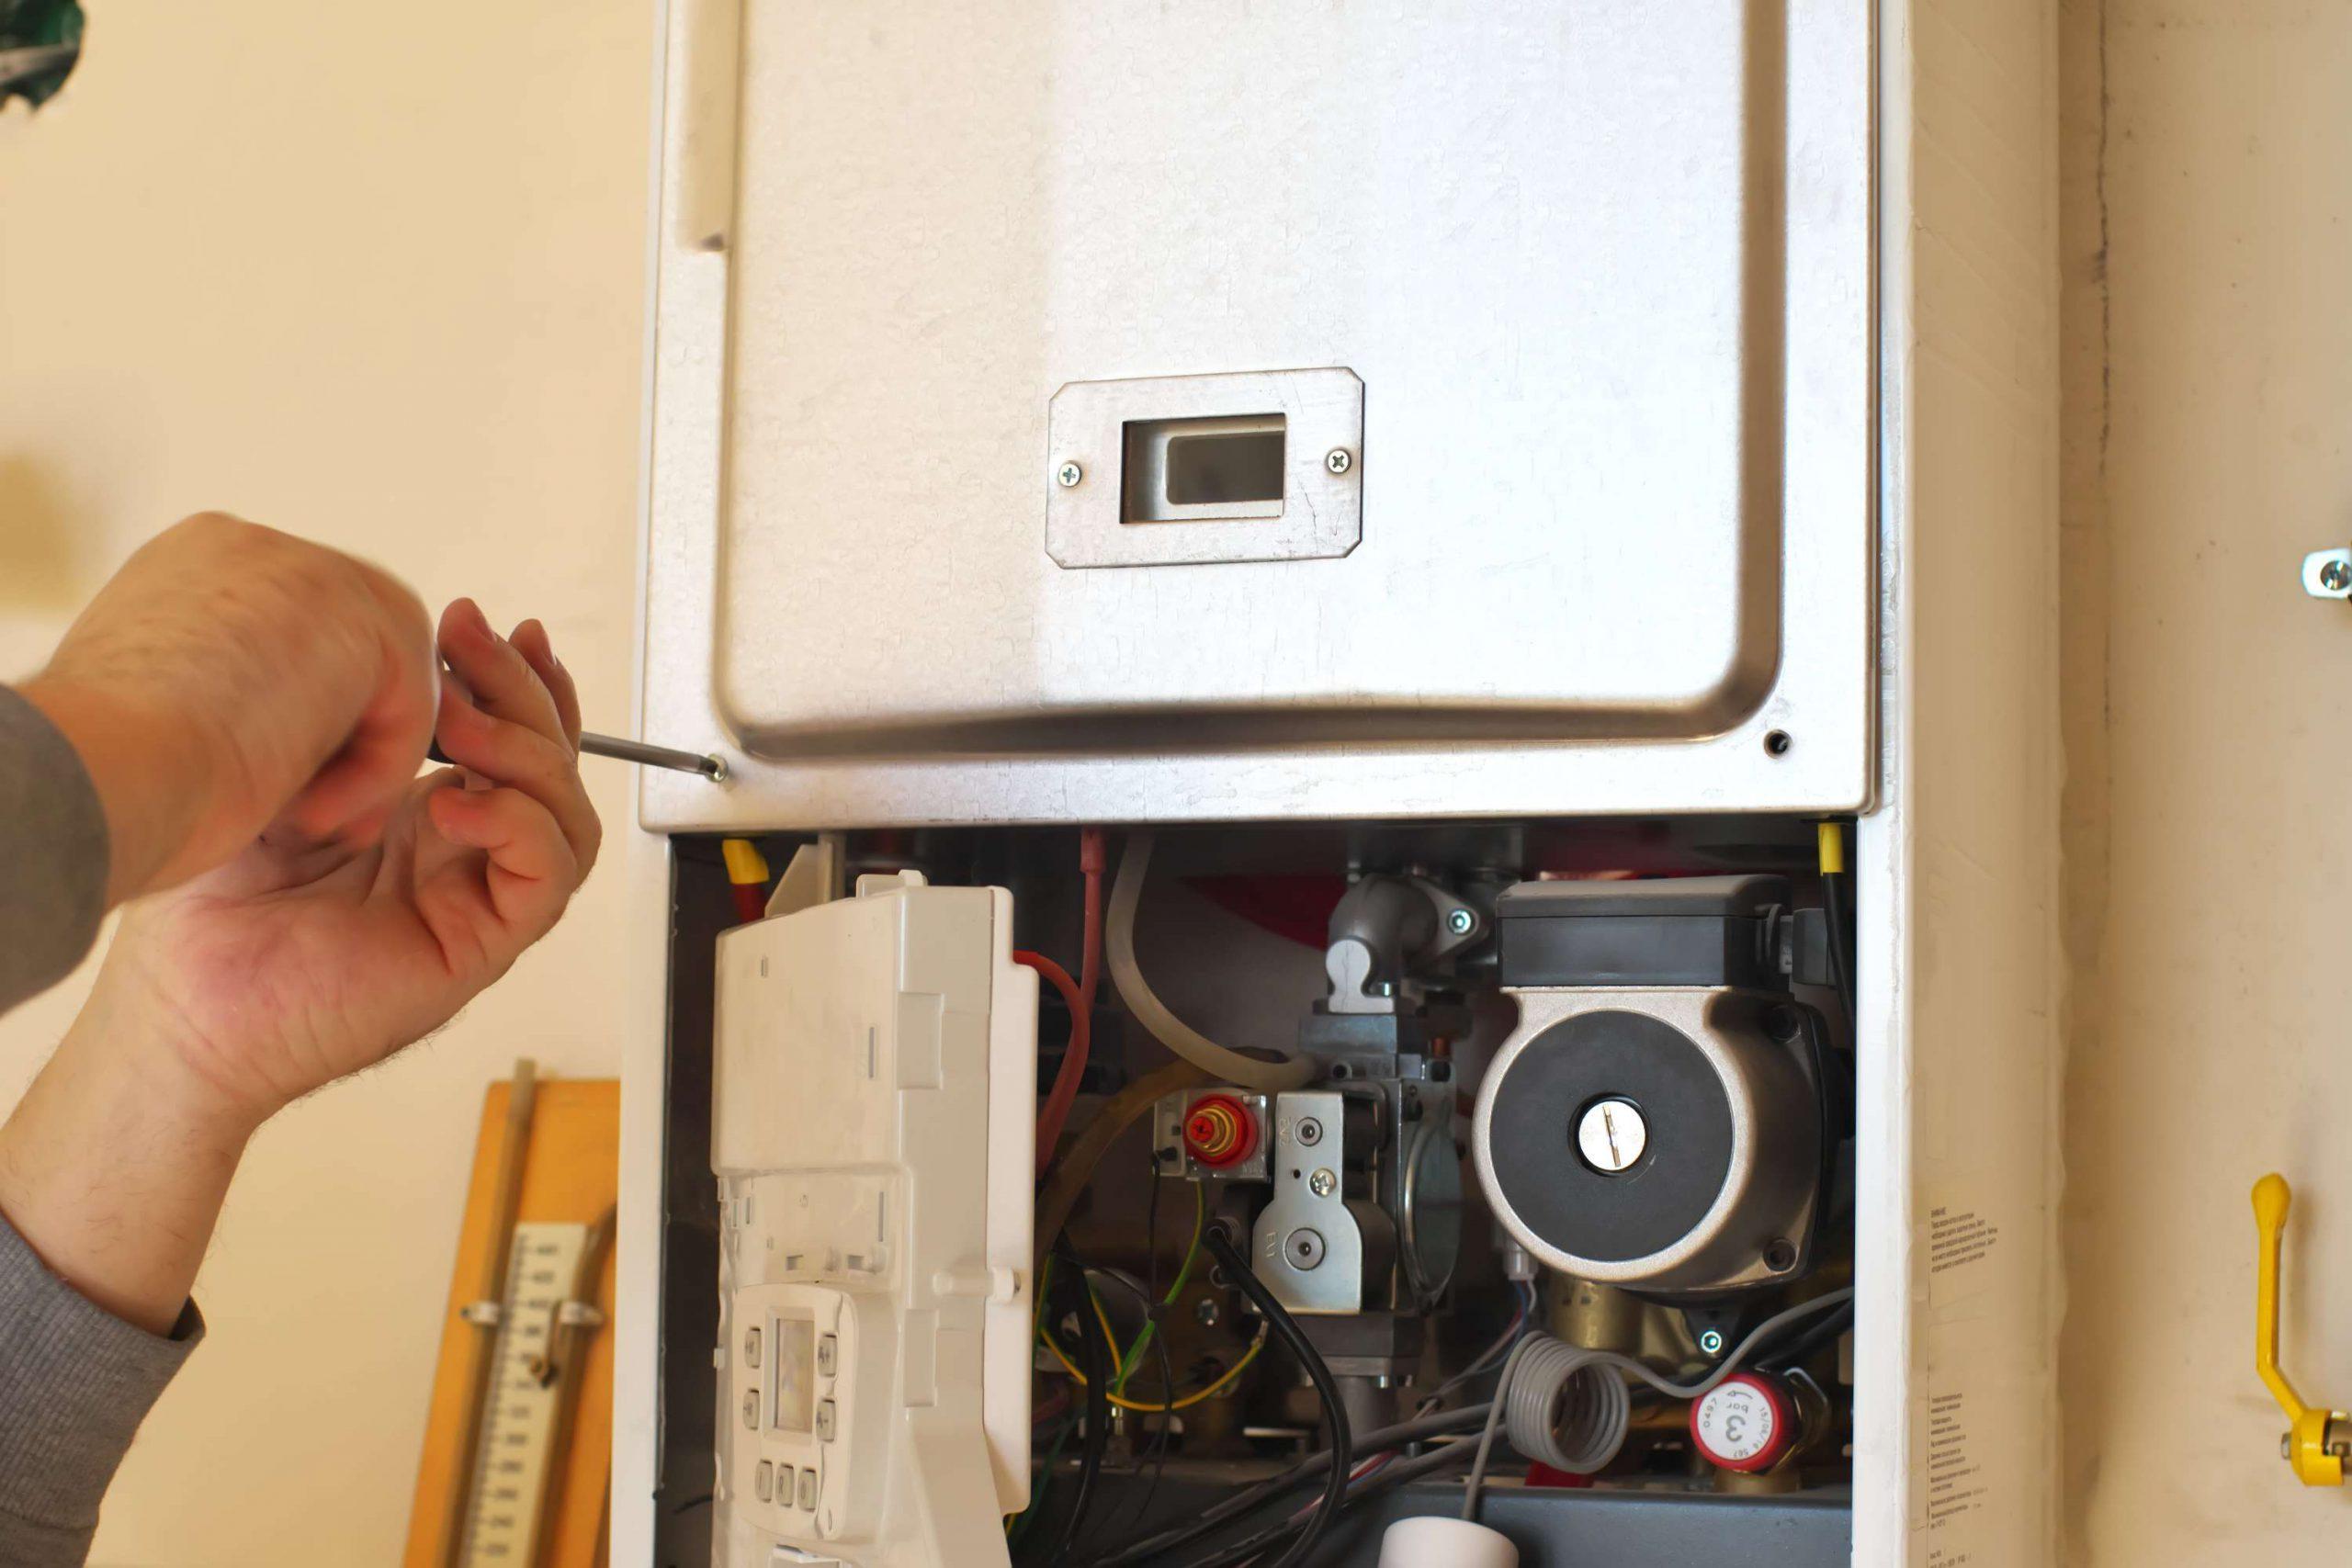 local-boiler-repair-London-local-boiler-service-London